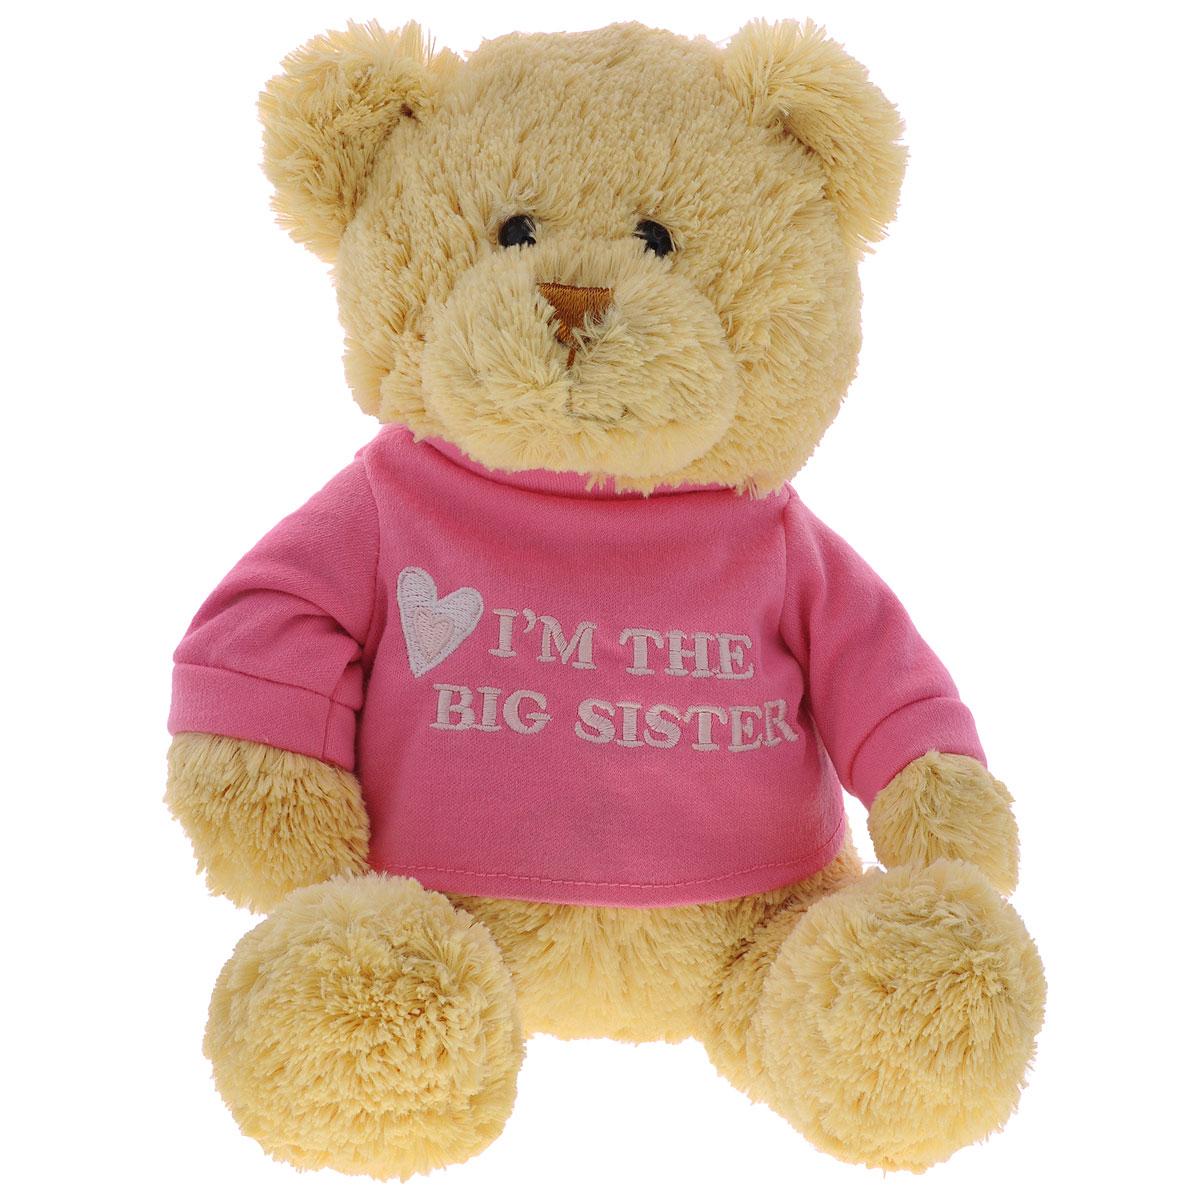 Мягкая игрушка Gund Big Sister, 29 см320154Мягкая игрушка Gund Big Sister, выполненная в виде медвежонка бежевого цвета в розовой кофте. Игрушка вызовет умиление и улыбку у каждого, кто ее увидит. Удивительно мягкая игрушка принесет радость и подарит своему обладателю мгновения нежных объятий и приятных воспоминаний. Великолепное качество исполнения делают эту игрушку чудесным подарком к любому празднику.